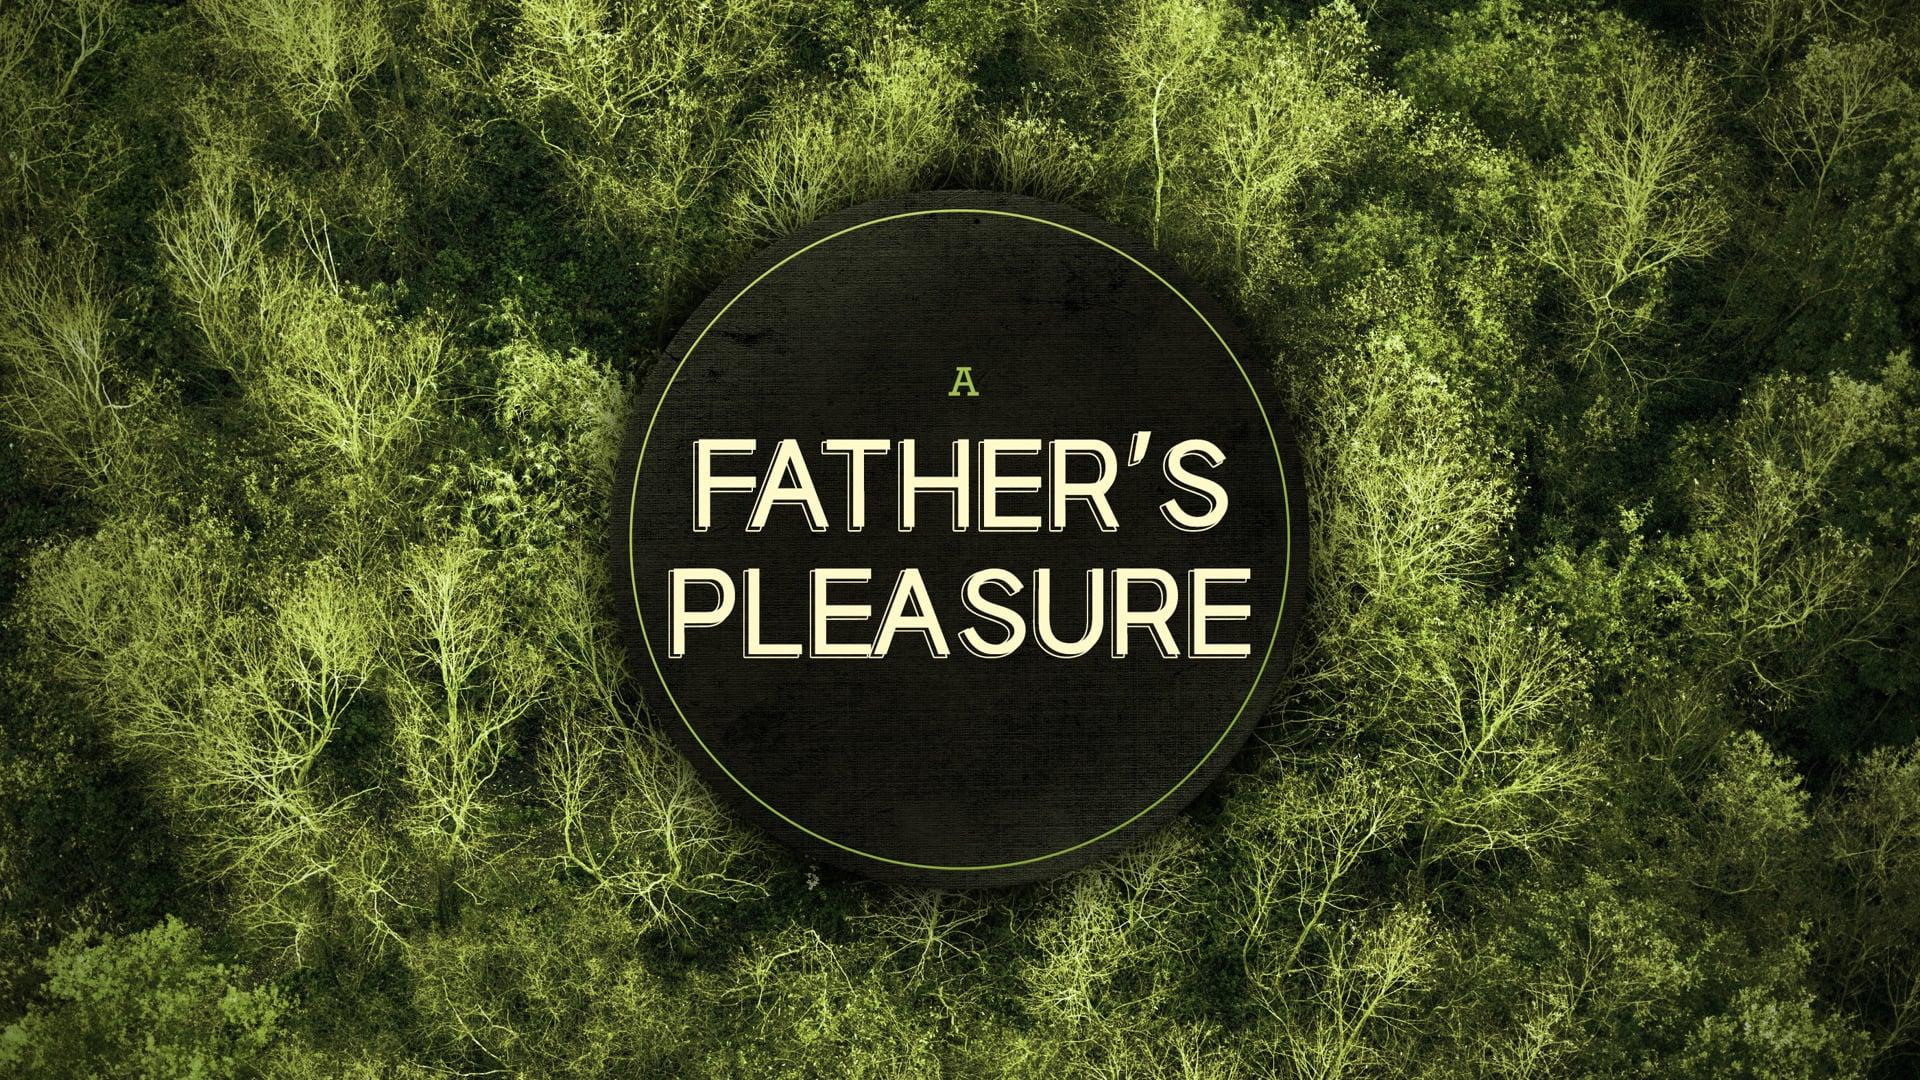 A Father's Pleasure